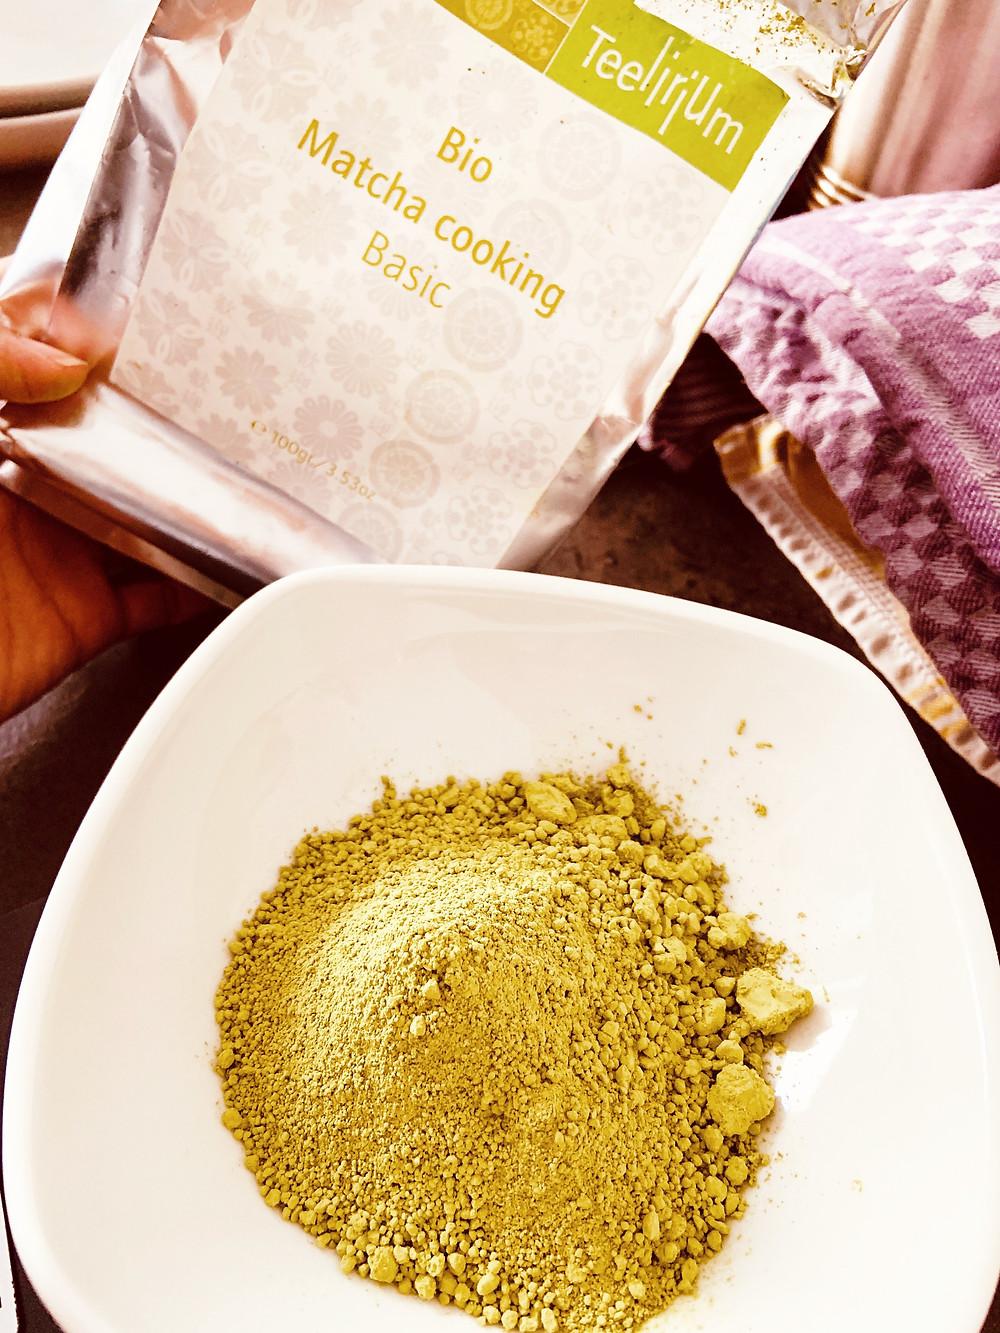 Cosy Cookhouse Matcha Matcha Fruit Spread Secret Revealed